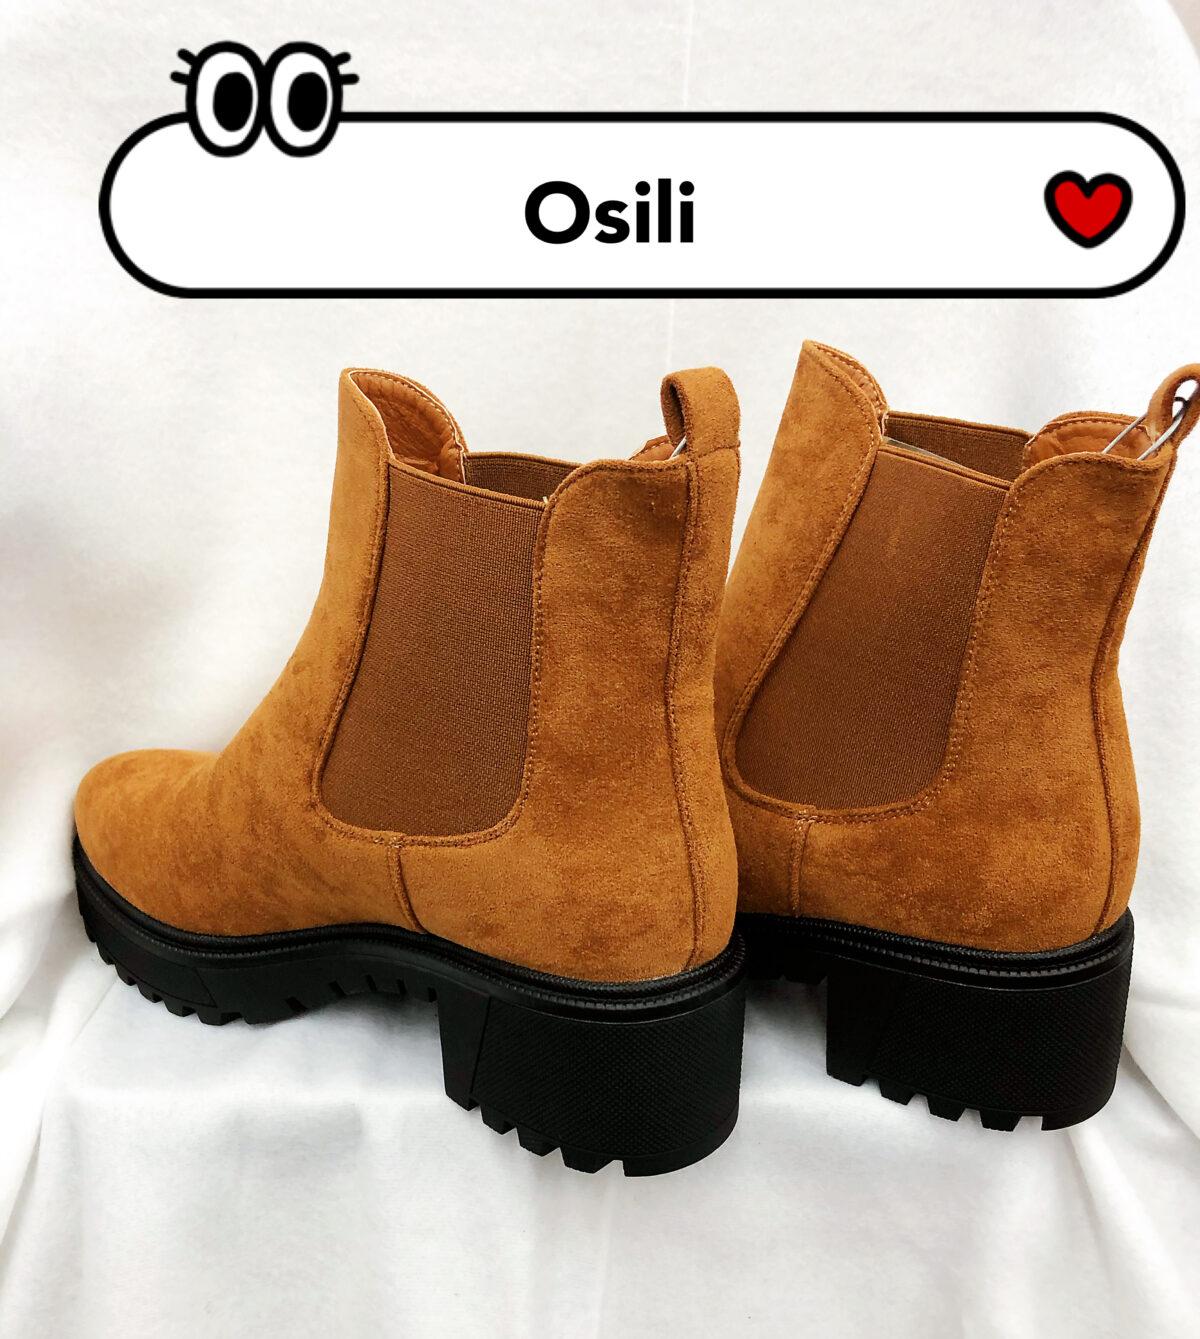 IMG 6943 scaled Osili - Fashion - Divat